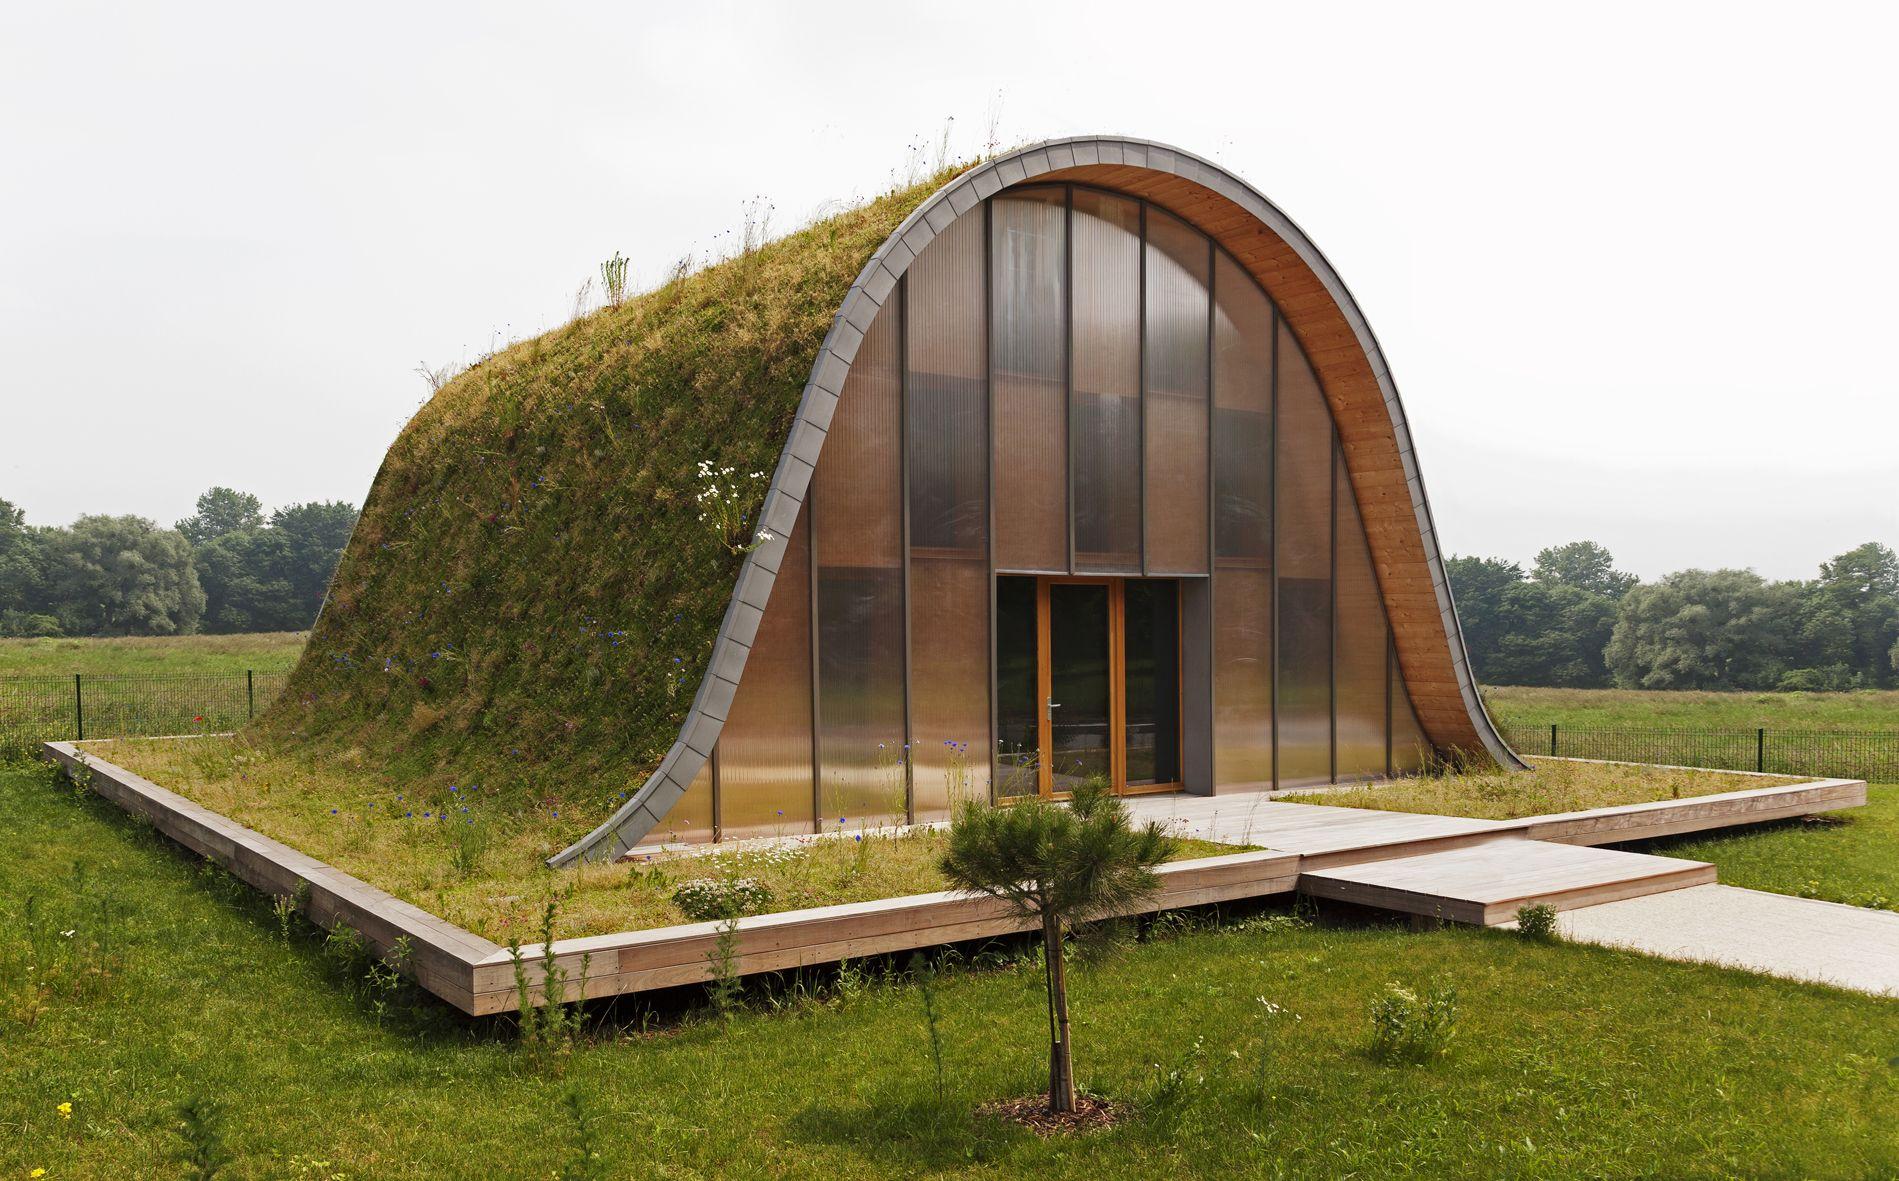 D couverte d 39 une maison insolite et cologique la maison vague archideas archid es - Immeuble ecologique ...